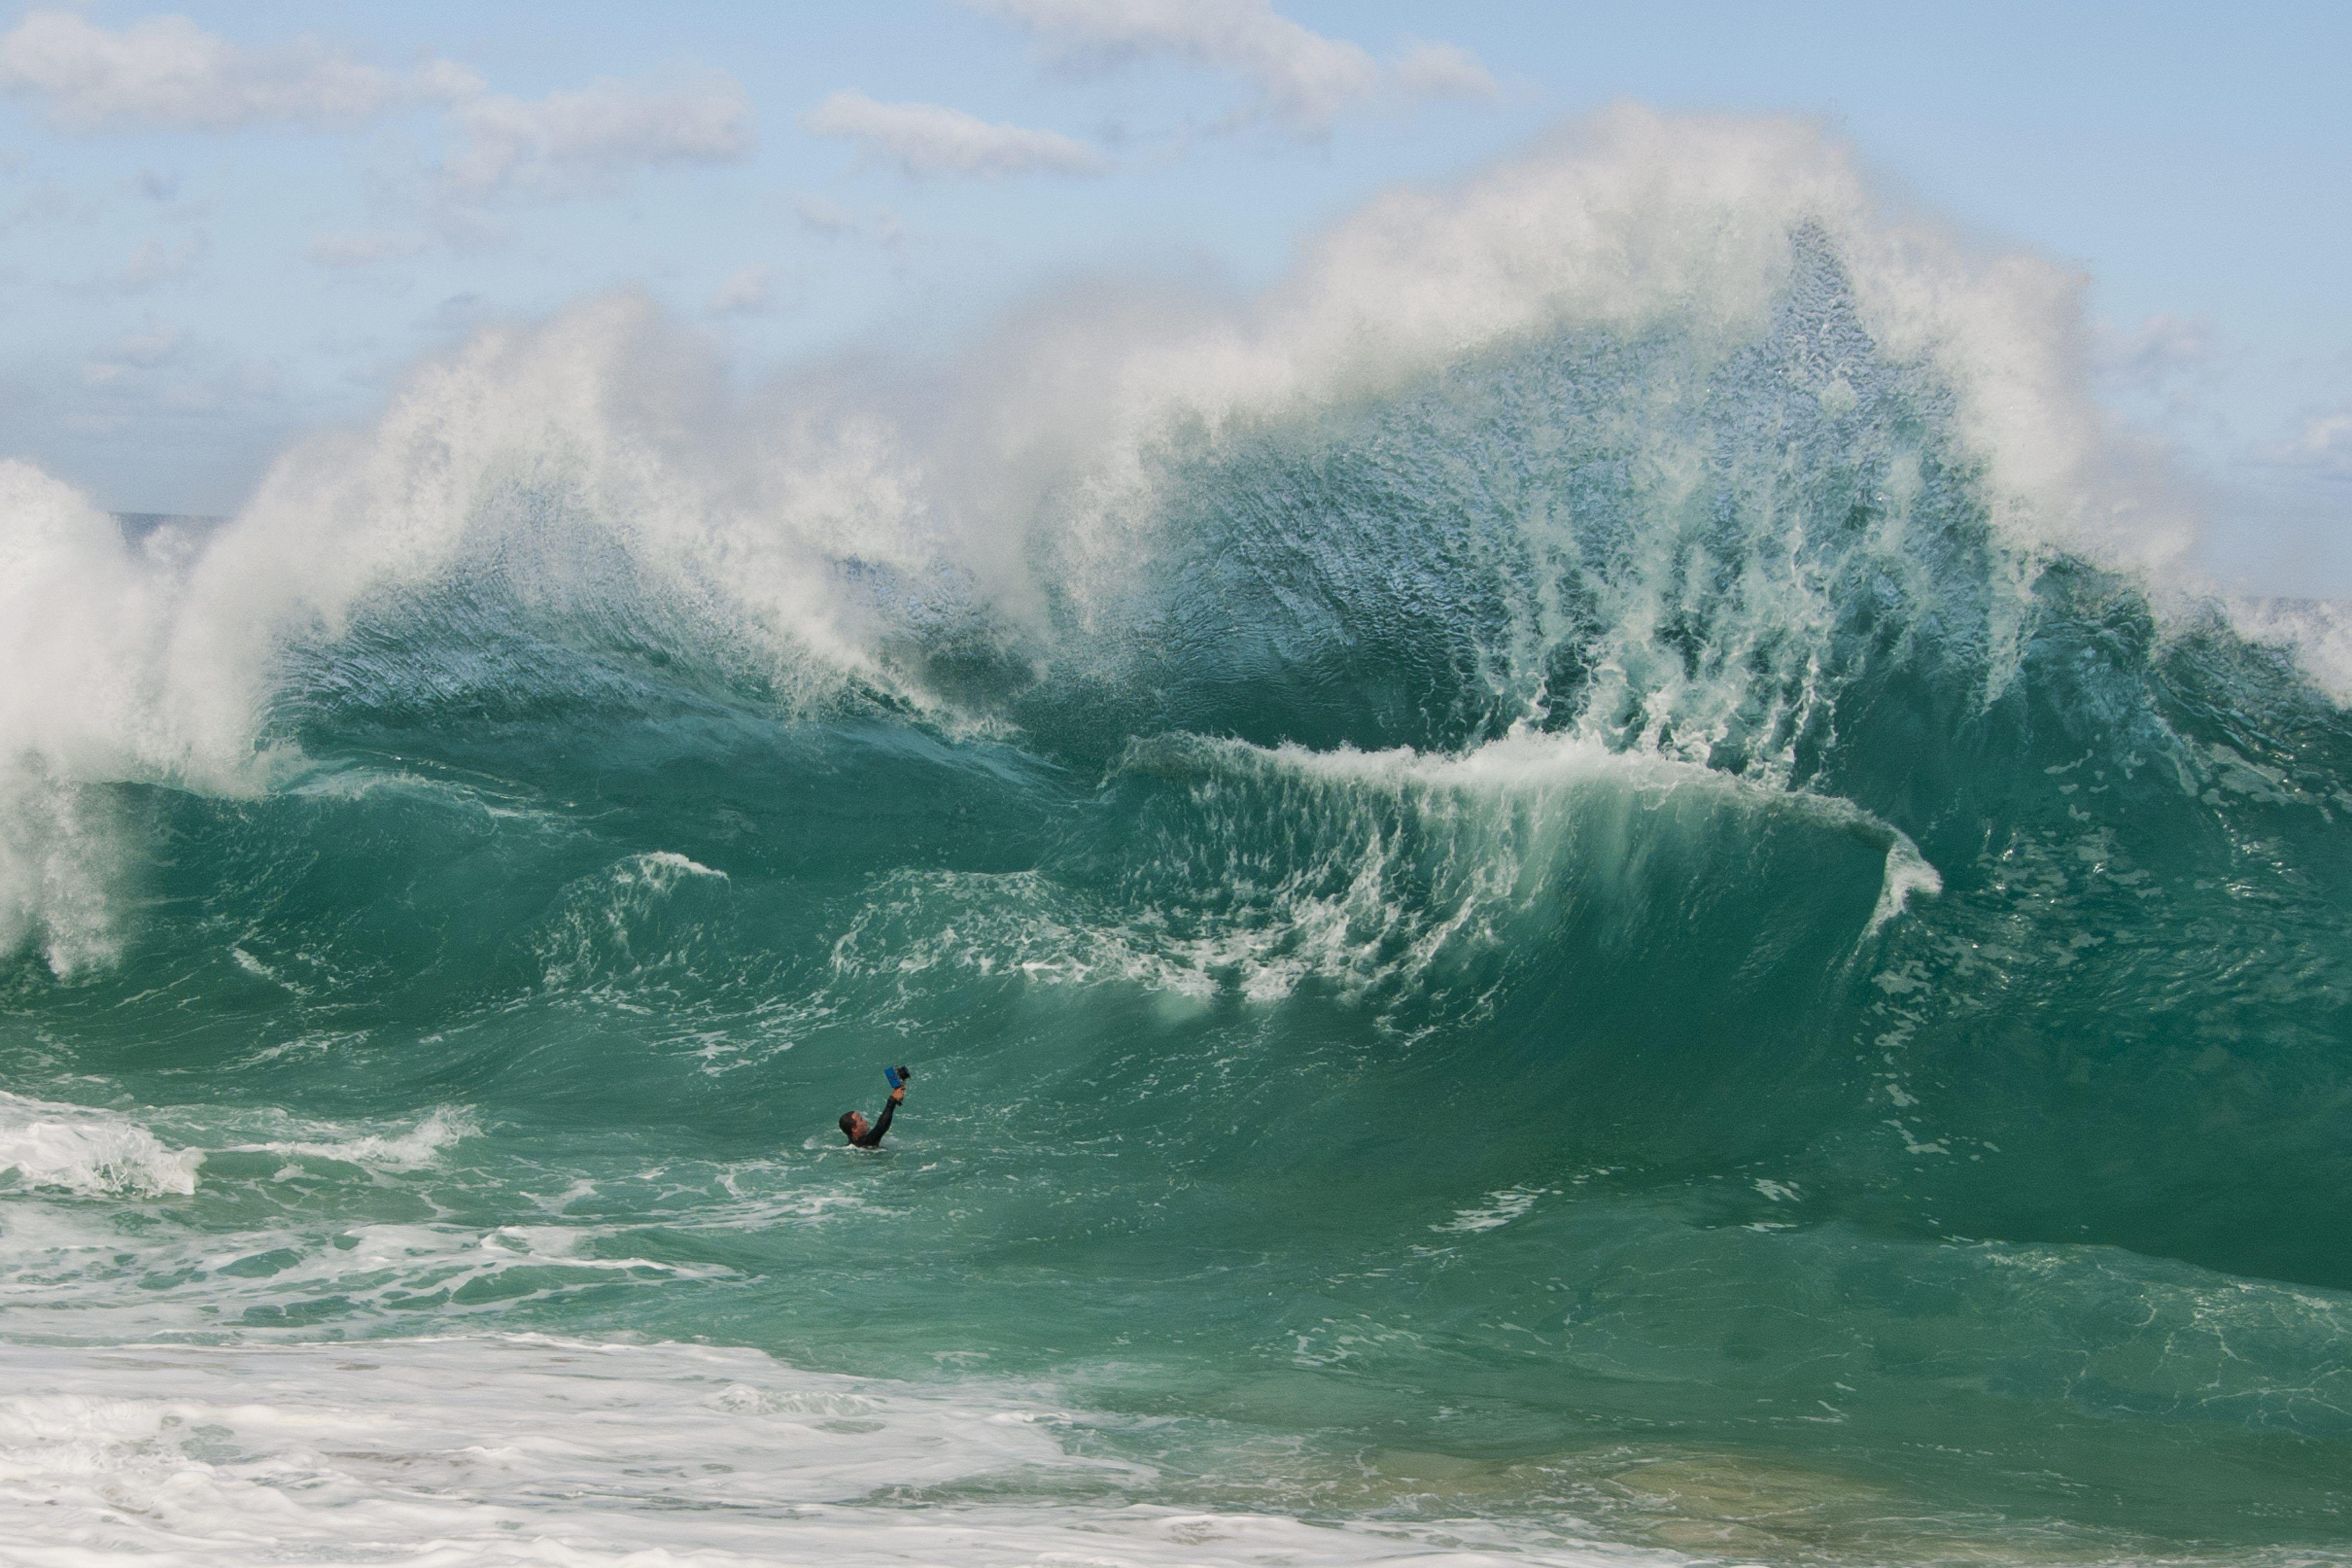 Le onde del mare saranno sempre più alte